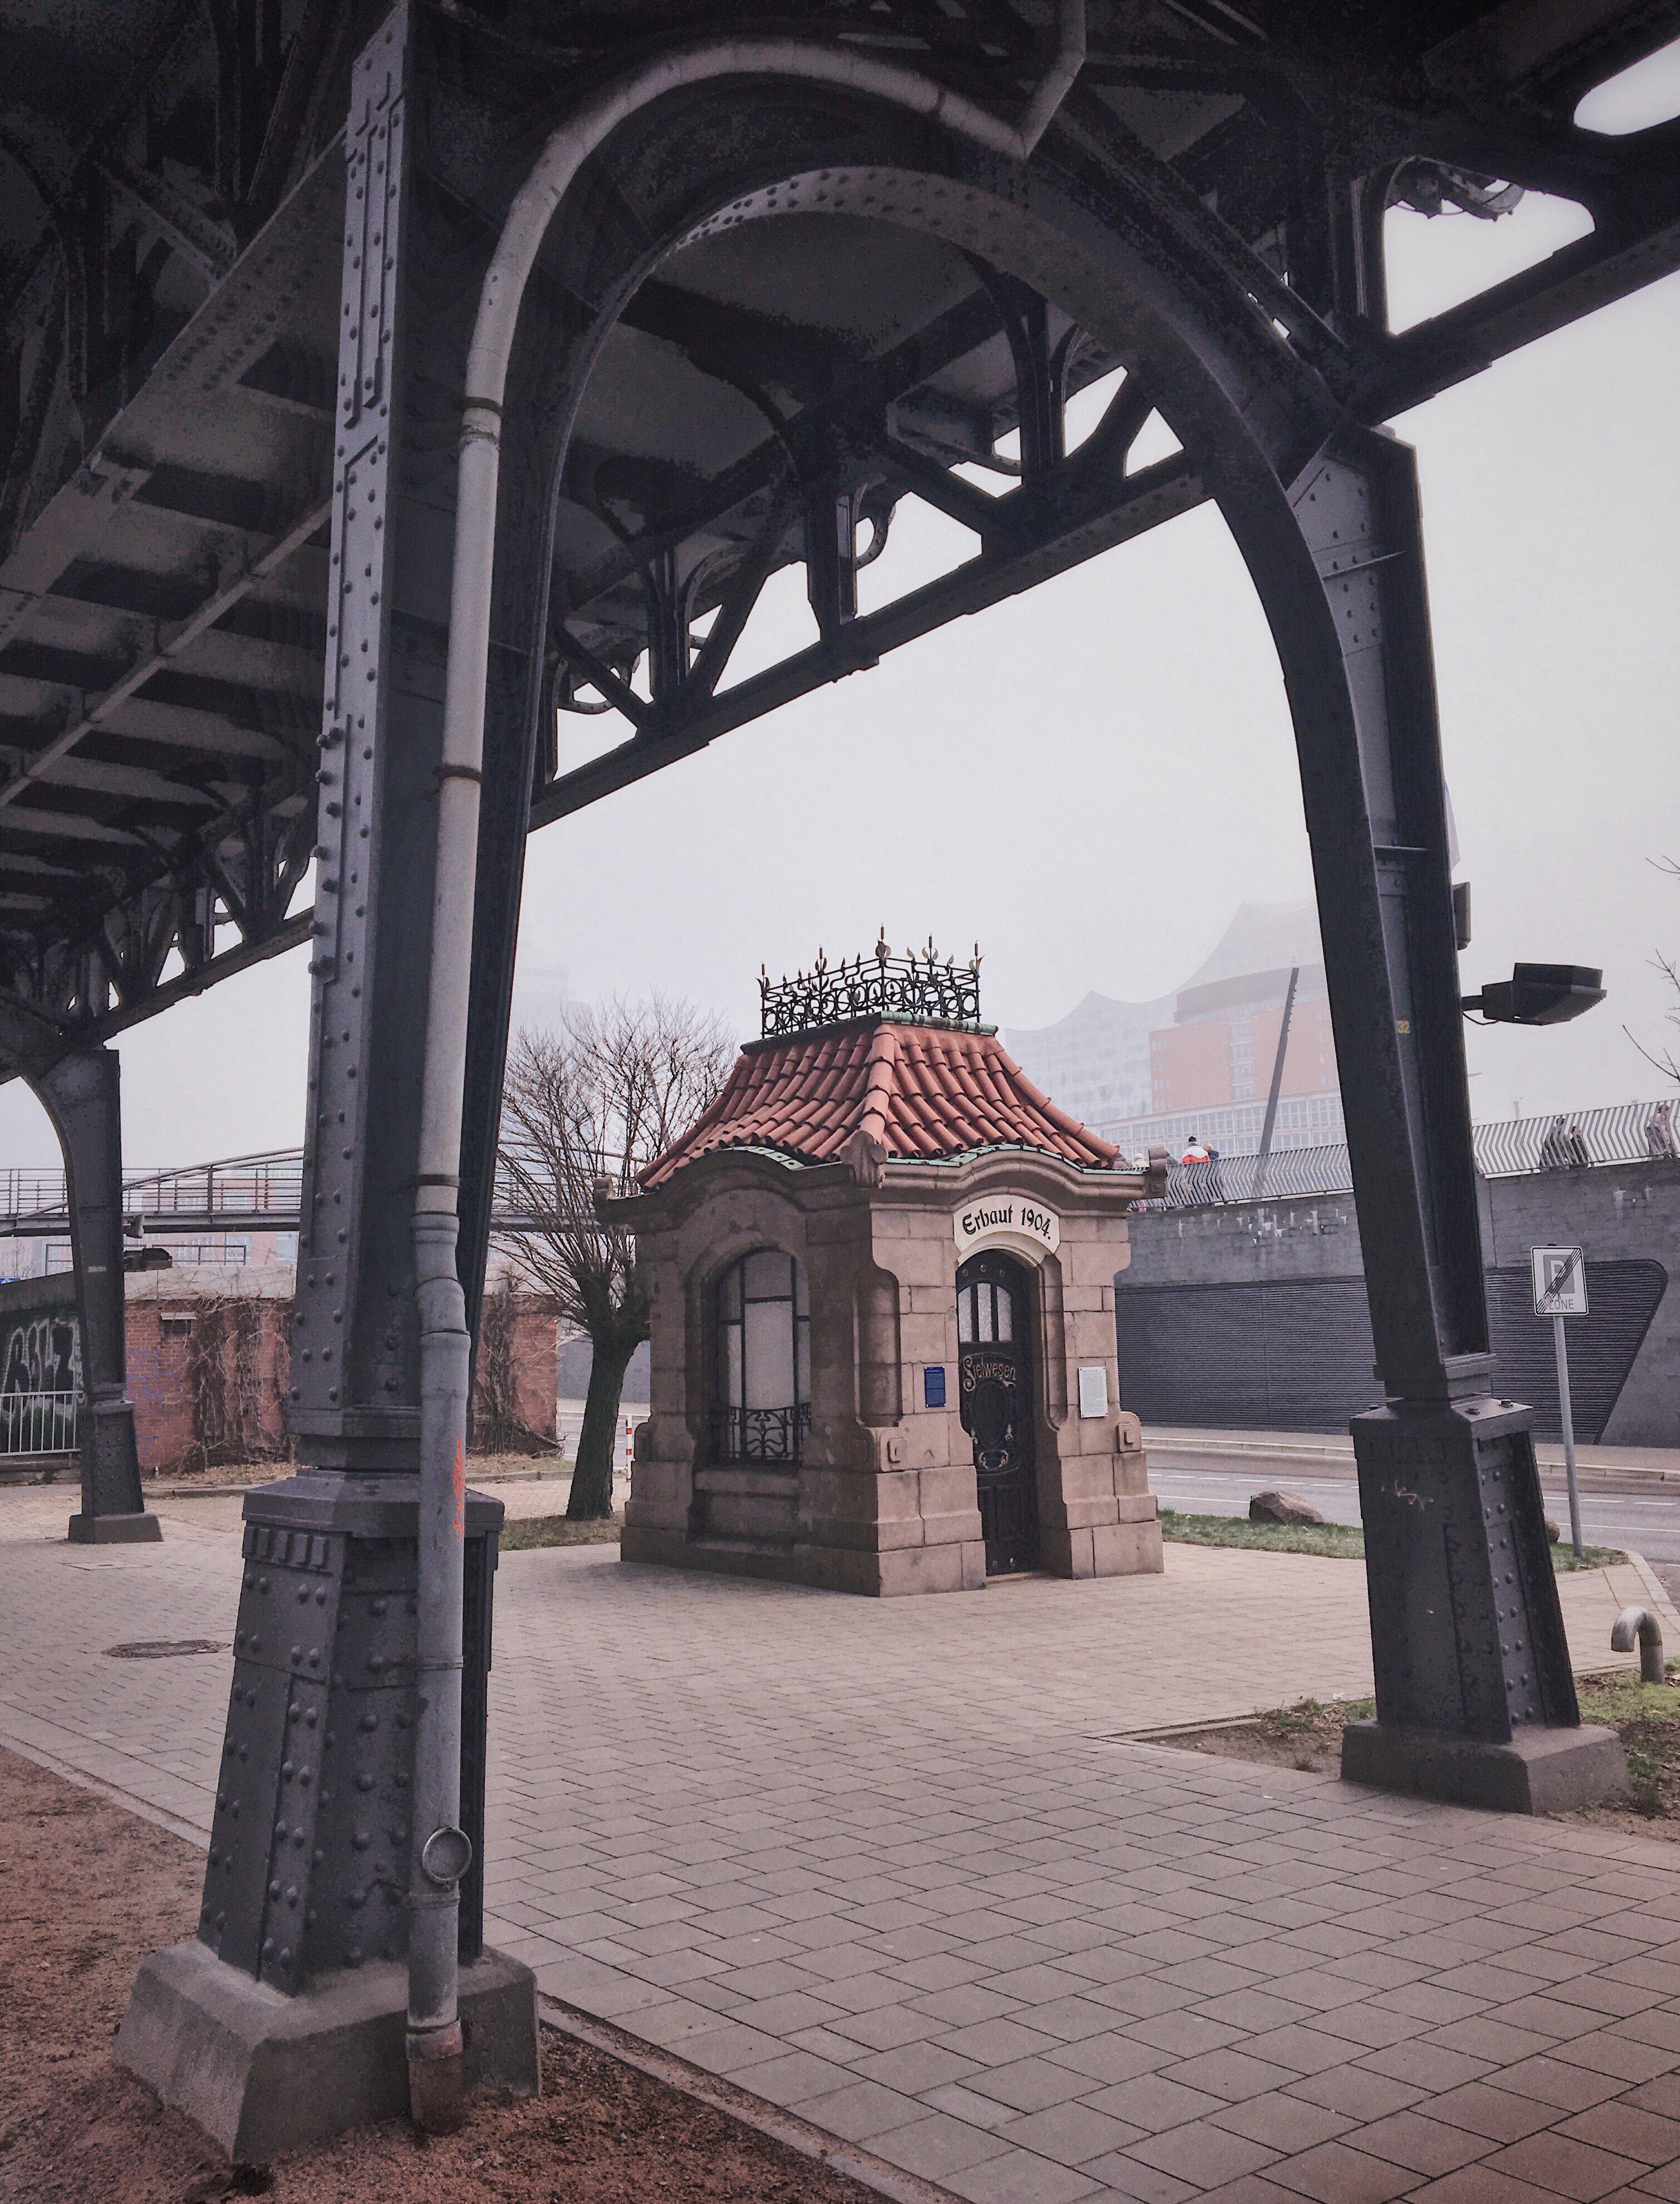 Siel-Einstieghäuschen Hamburg (Vorsetzen, Baumwall) am Hafen